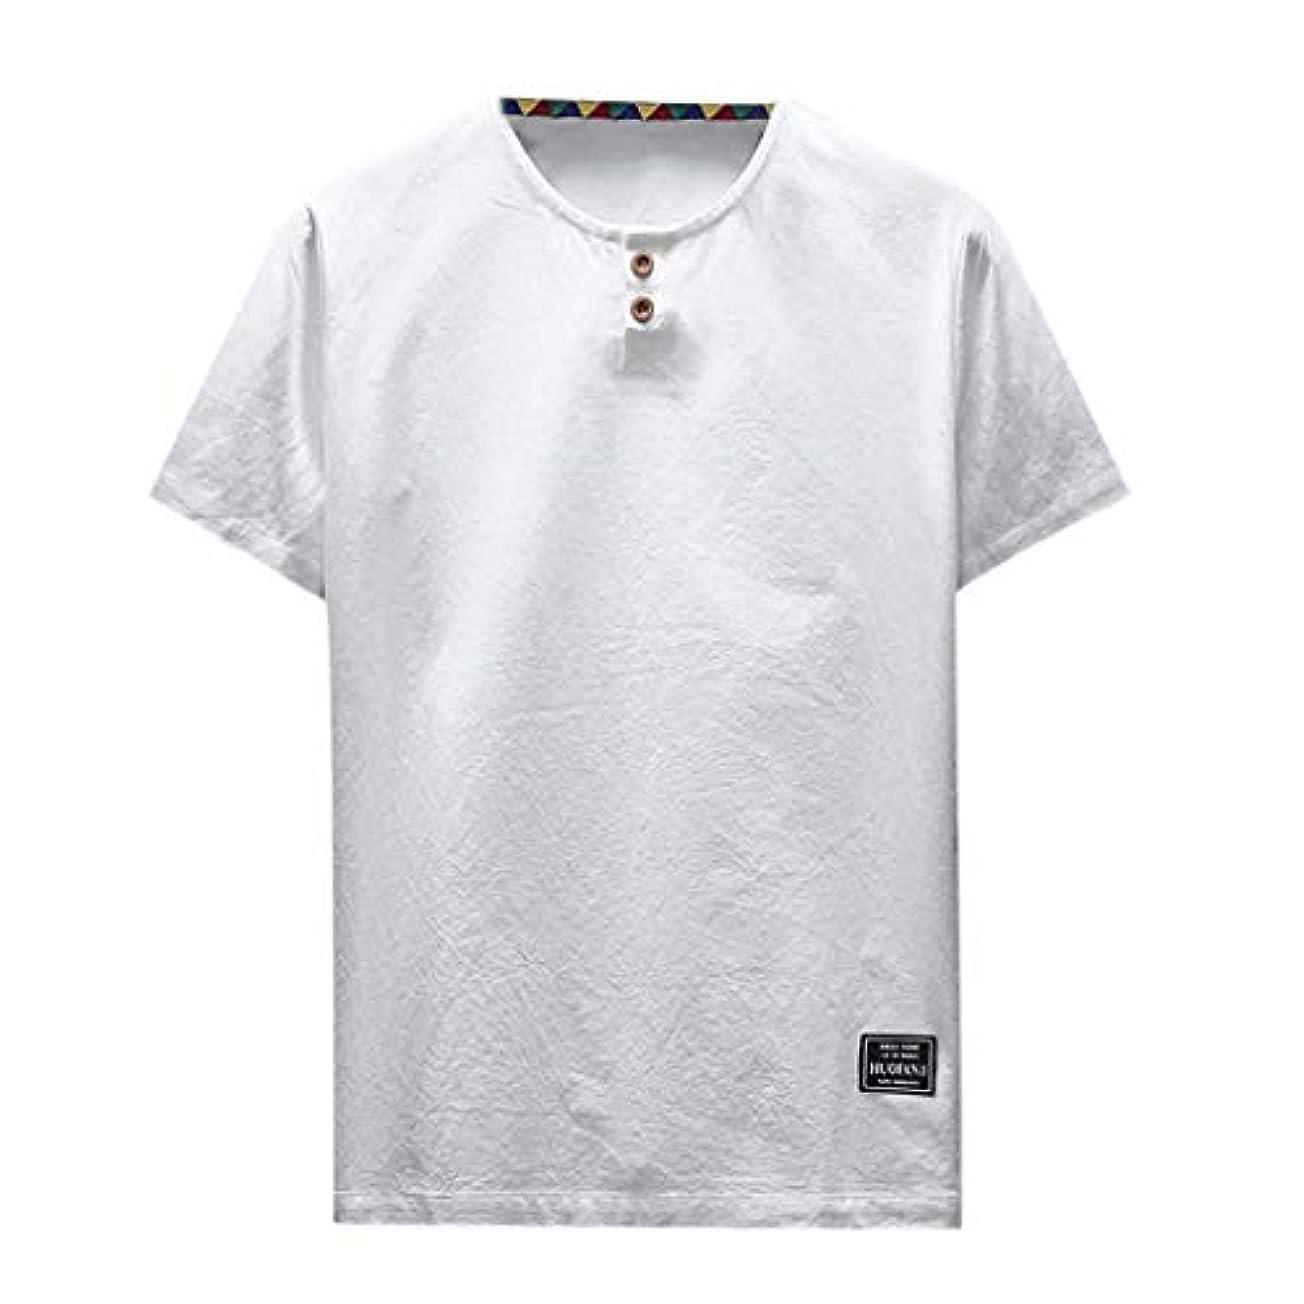 傀儡追跡増幅するOD企画 Tシャツ メンズ 半袖 シャツ メンズ tシャツ メンズ おおきいサイズ 日系 綿麻 丸首 半袖シャツ シャツ 半袖 ブラウス トップス ゆるtシャツ 春夏節対応 おしゃれ ゆったり カットソー ファッション 夏服